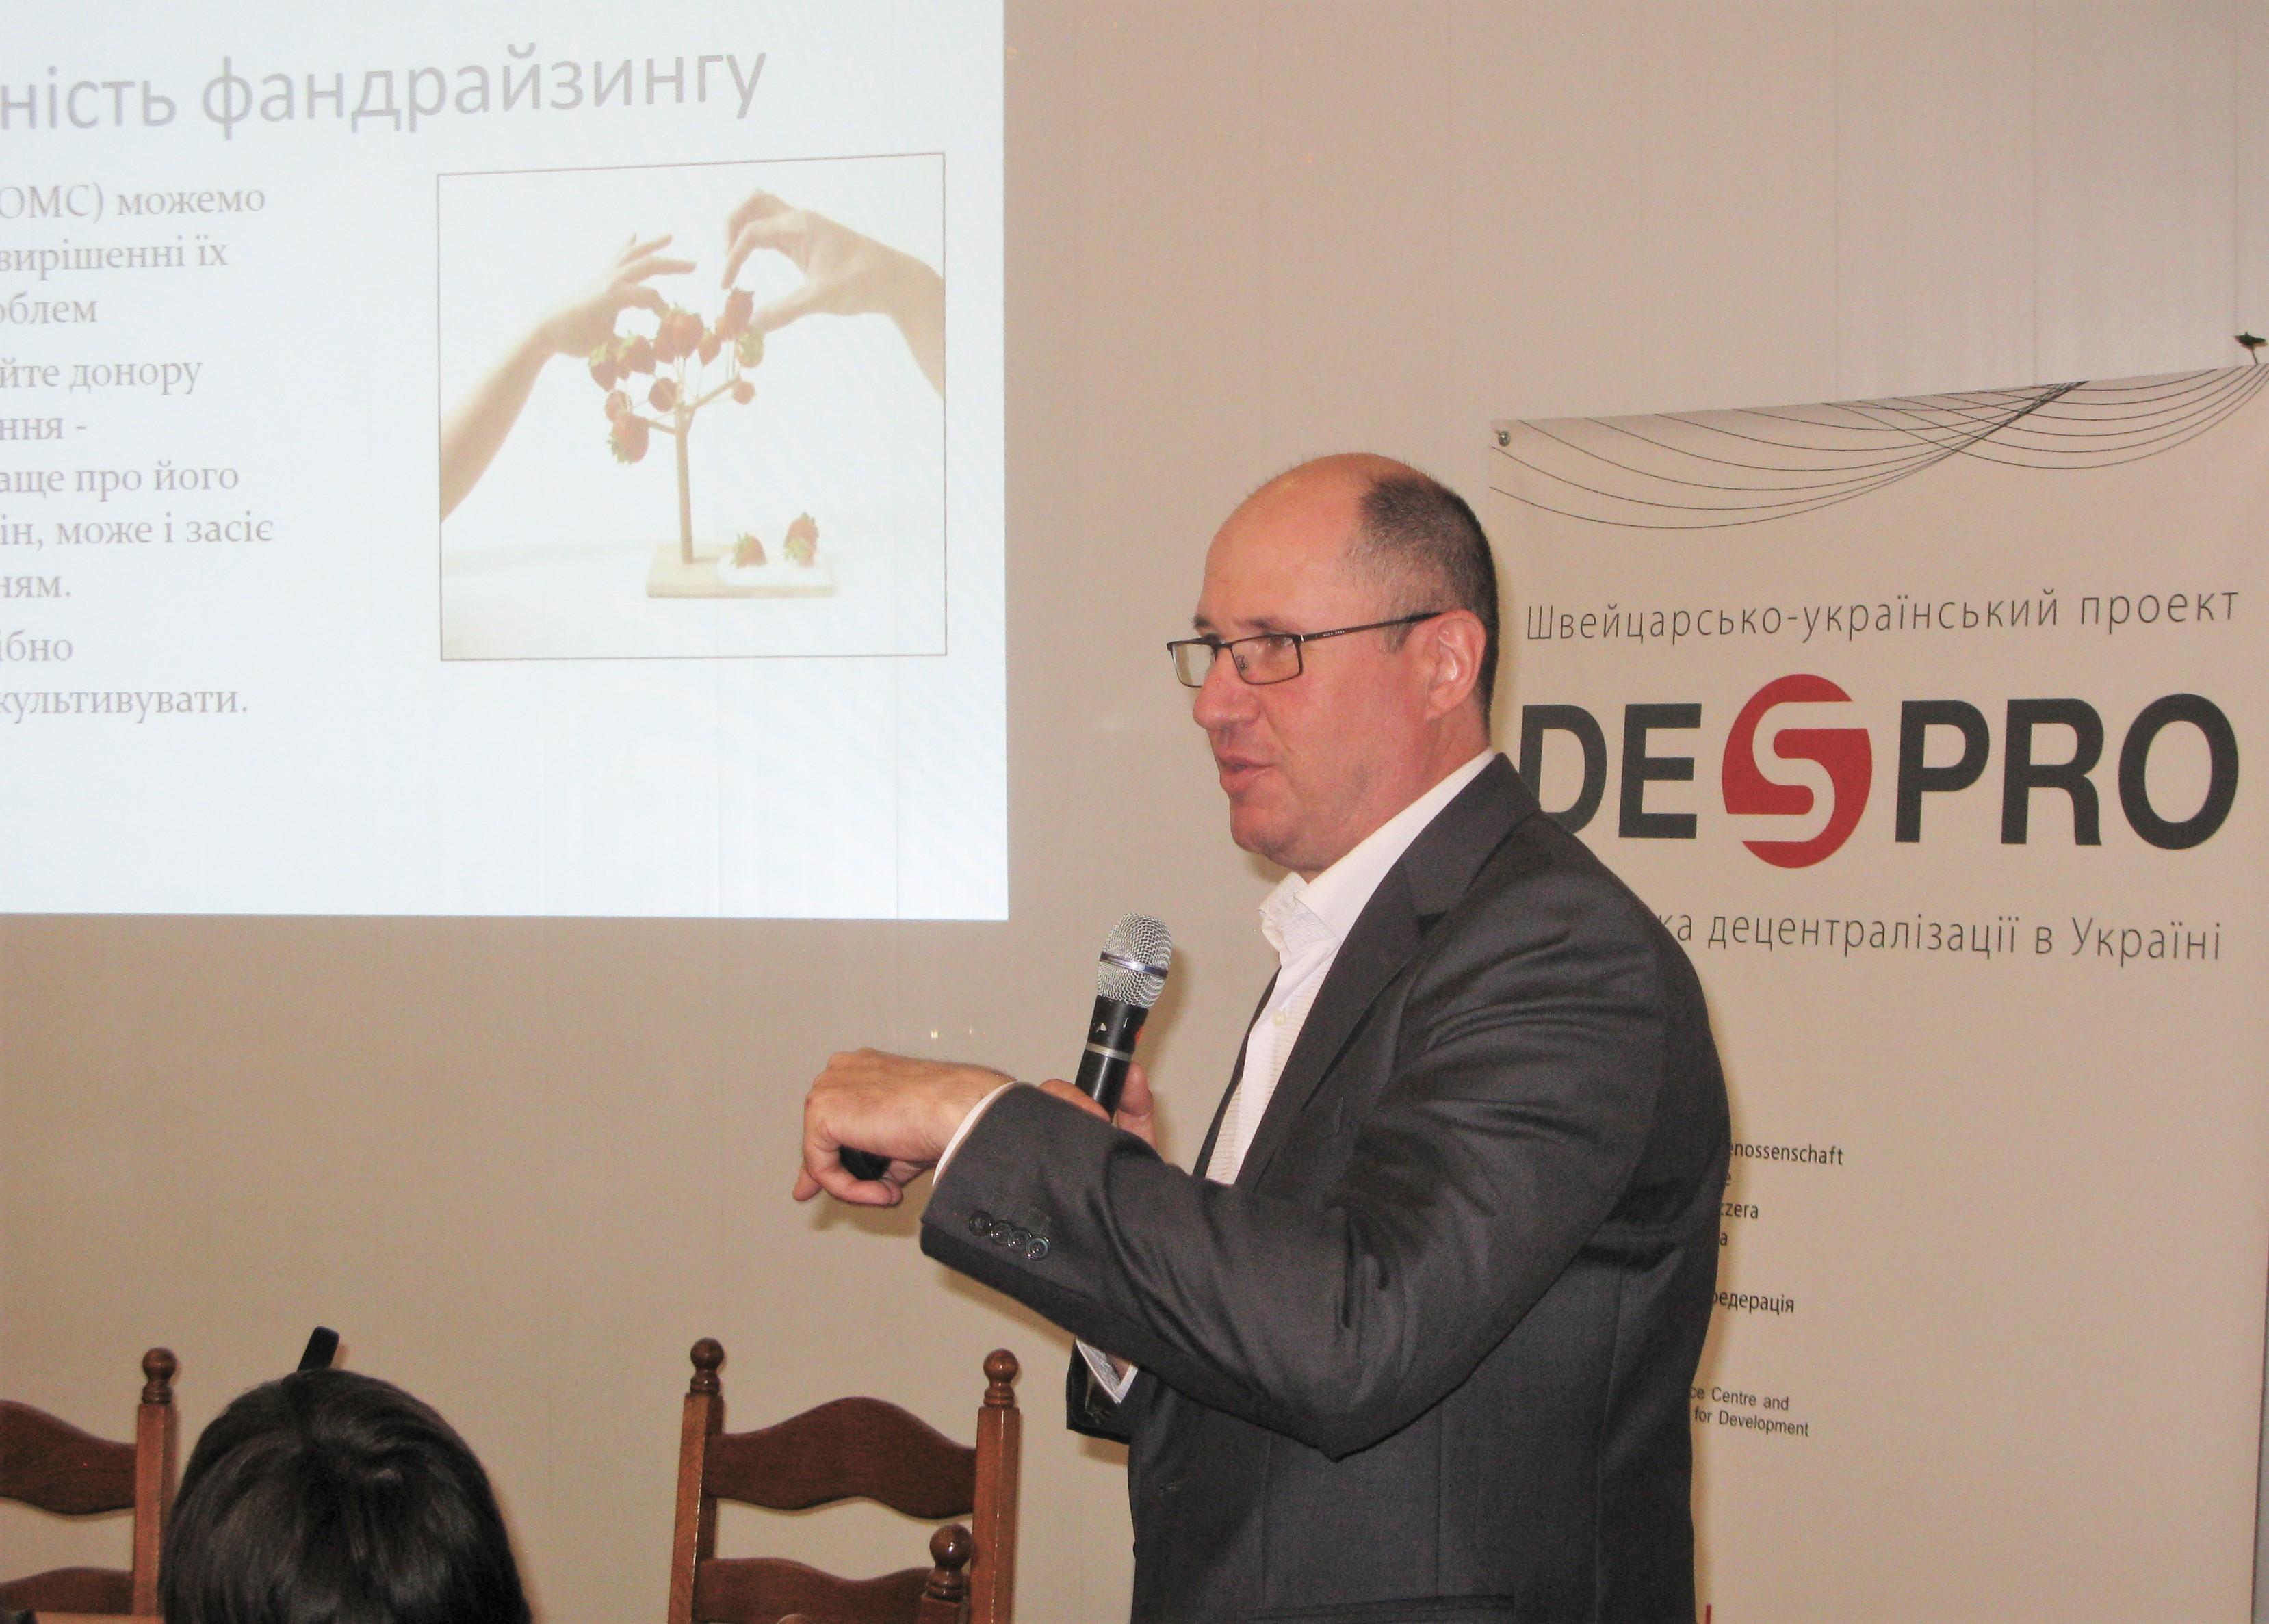 http://decentralization.gov.ua/uploads/ckeditor/pictures/1071/content_IMG_0036.jpg